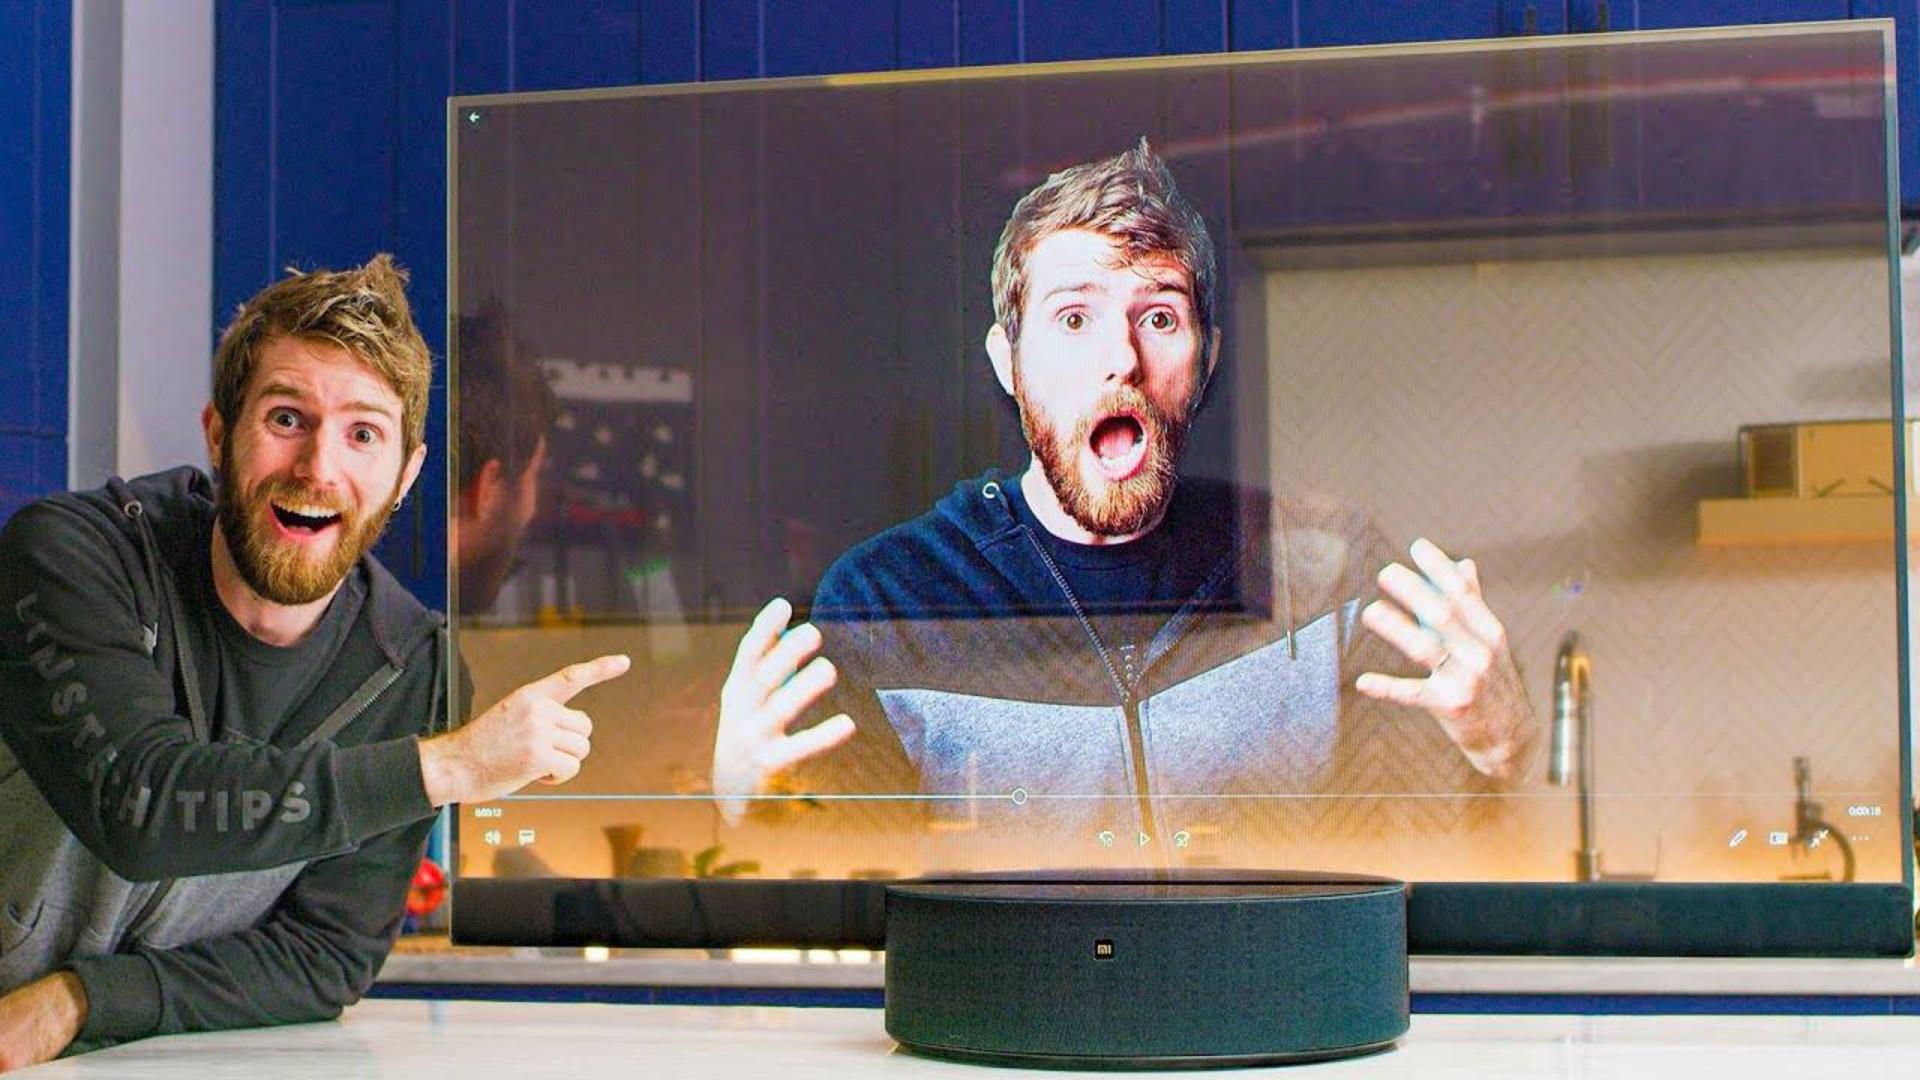 【官方双语】小米透明电视国外卖7200刀?#linus谈科技